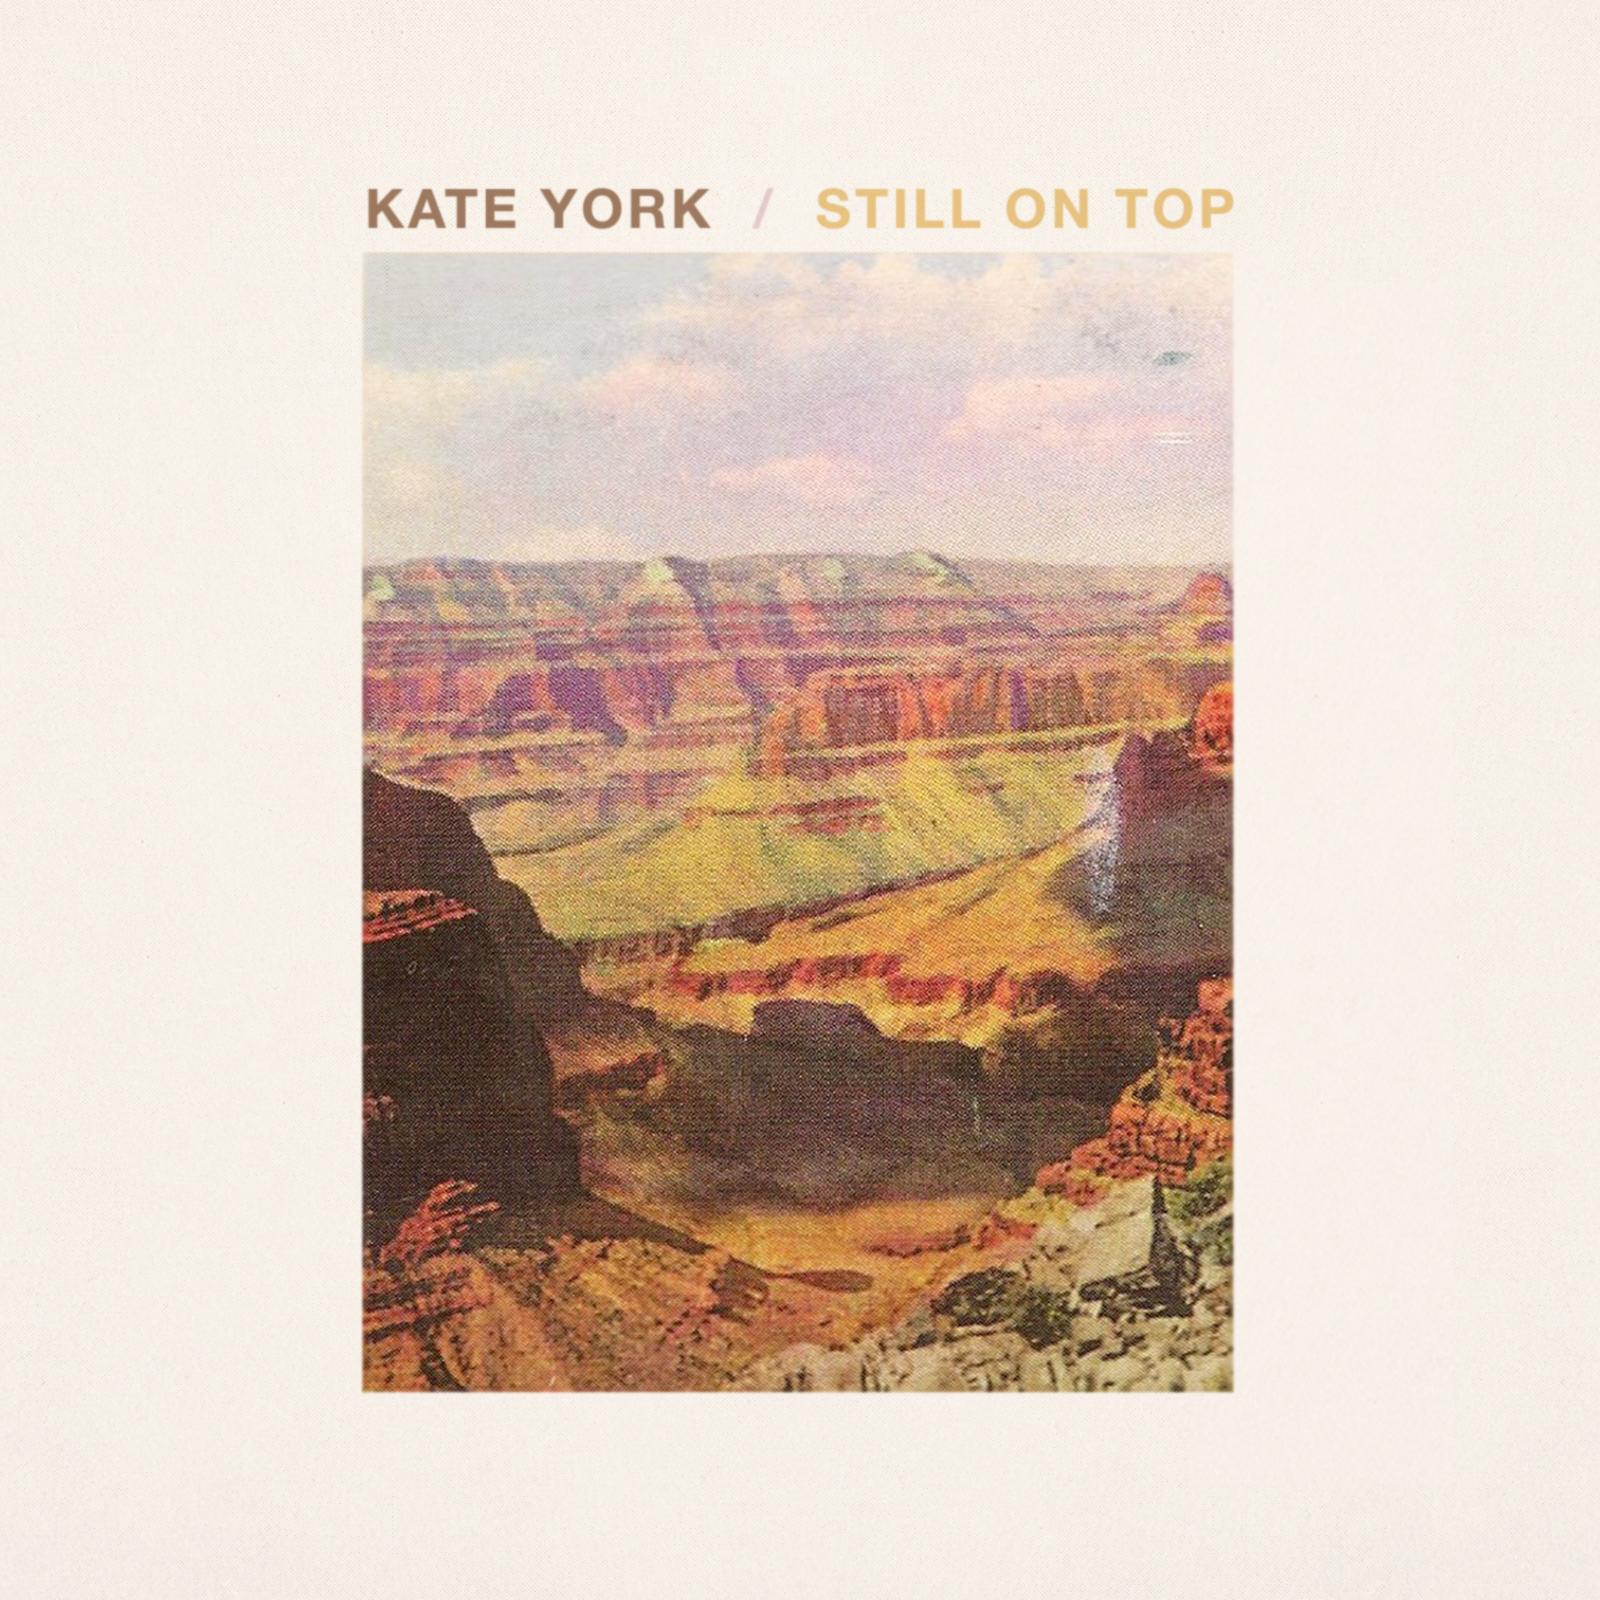 Kate York - Still On Top - Cover.jpg